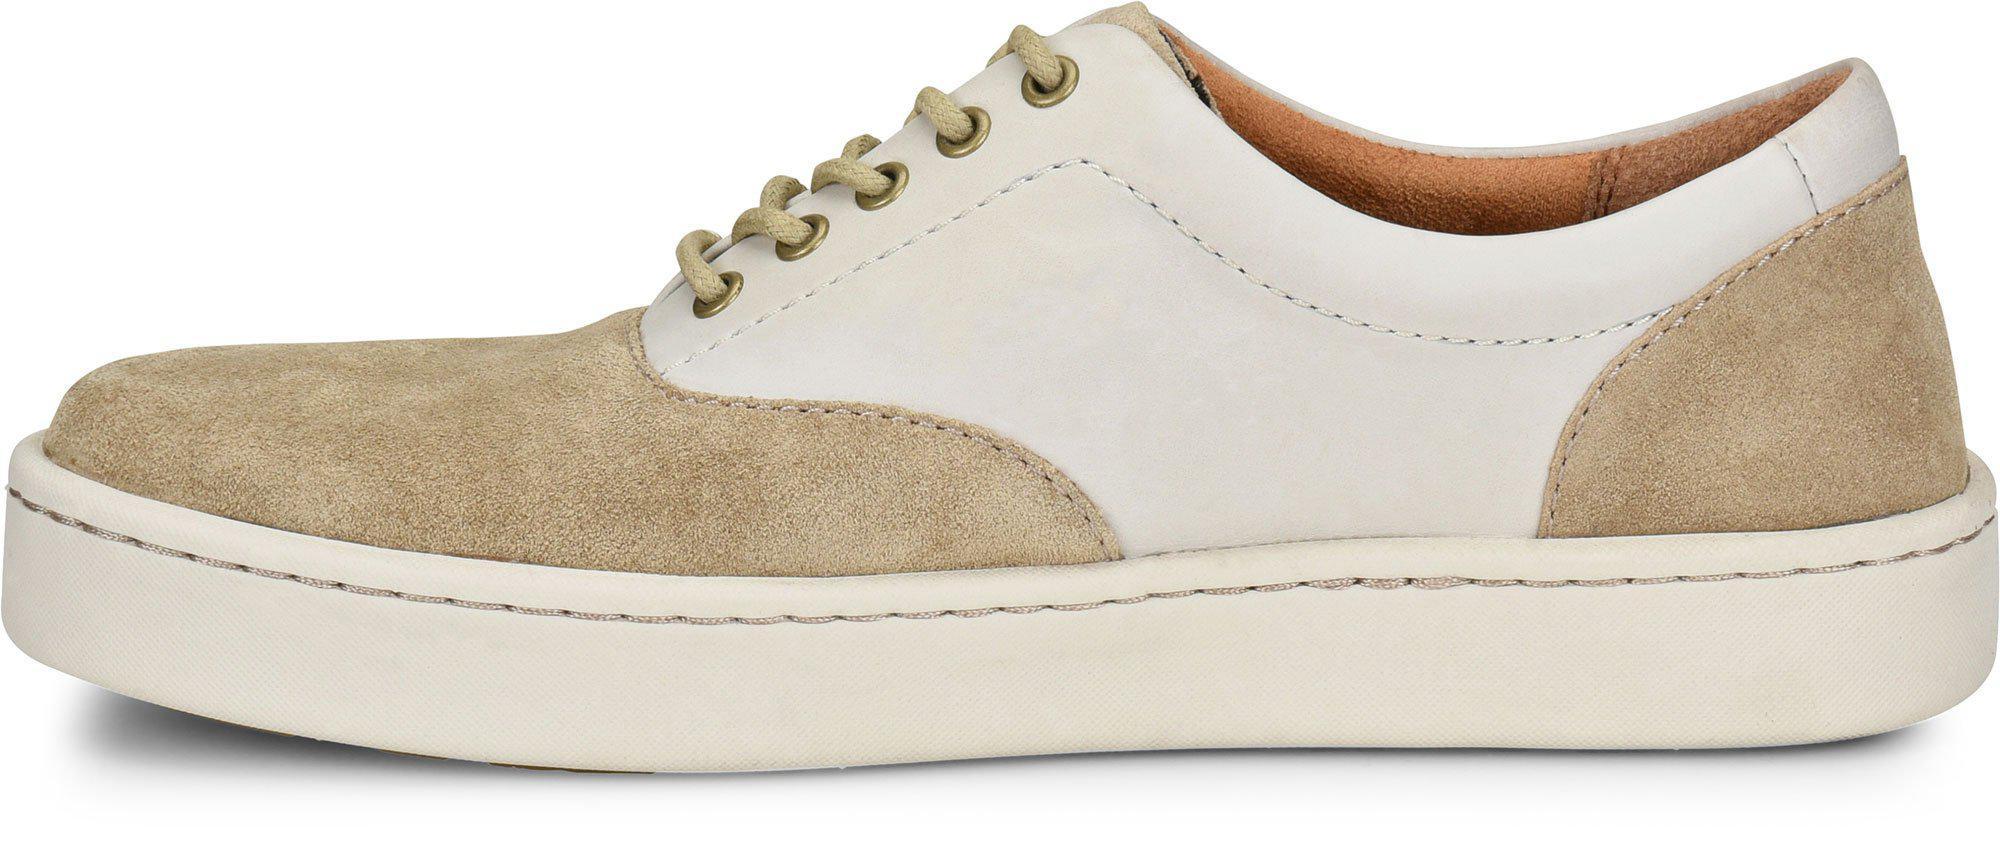 Born Keystone Sneaker(Men's) -Marmotta/Teak Combination Leather Outlet Wiki Sale Genuine qFqA02LKJ